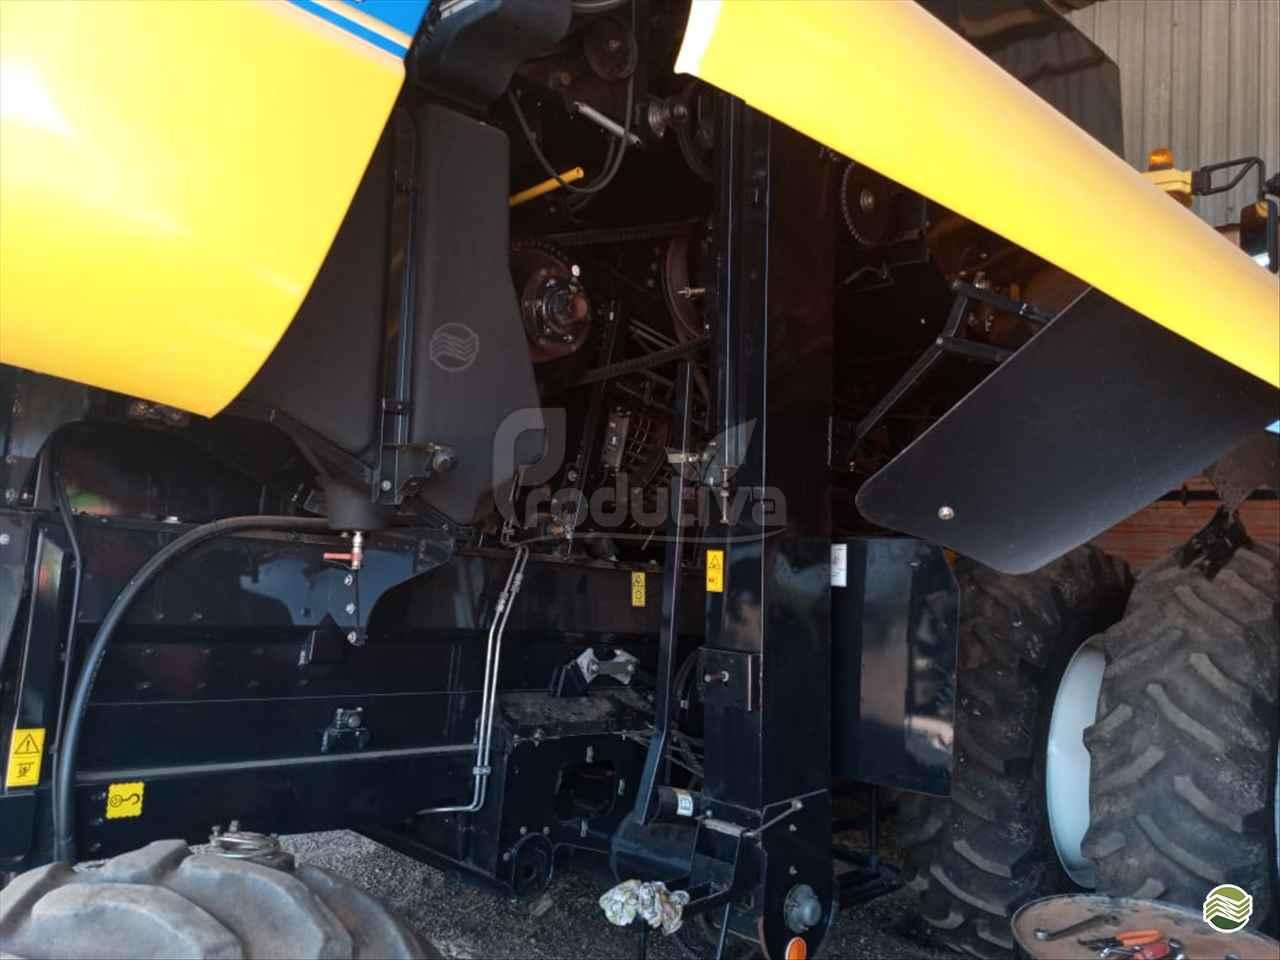 COLHEITADEIRA NEW HOLLAND CR 6080 Produtiva Máquinas CAMPO VERDE MATO GROSSO MT